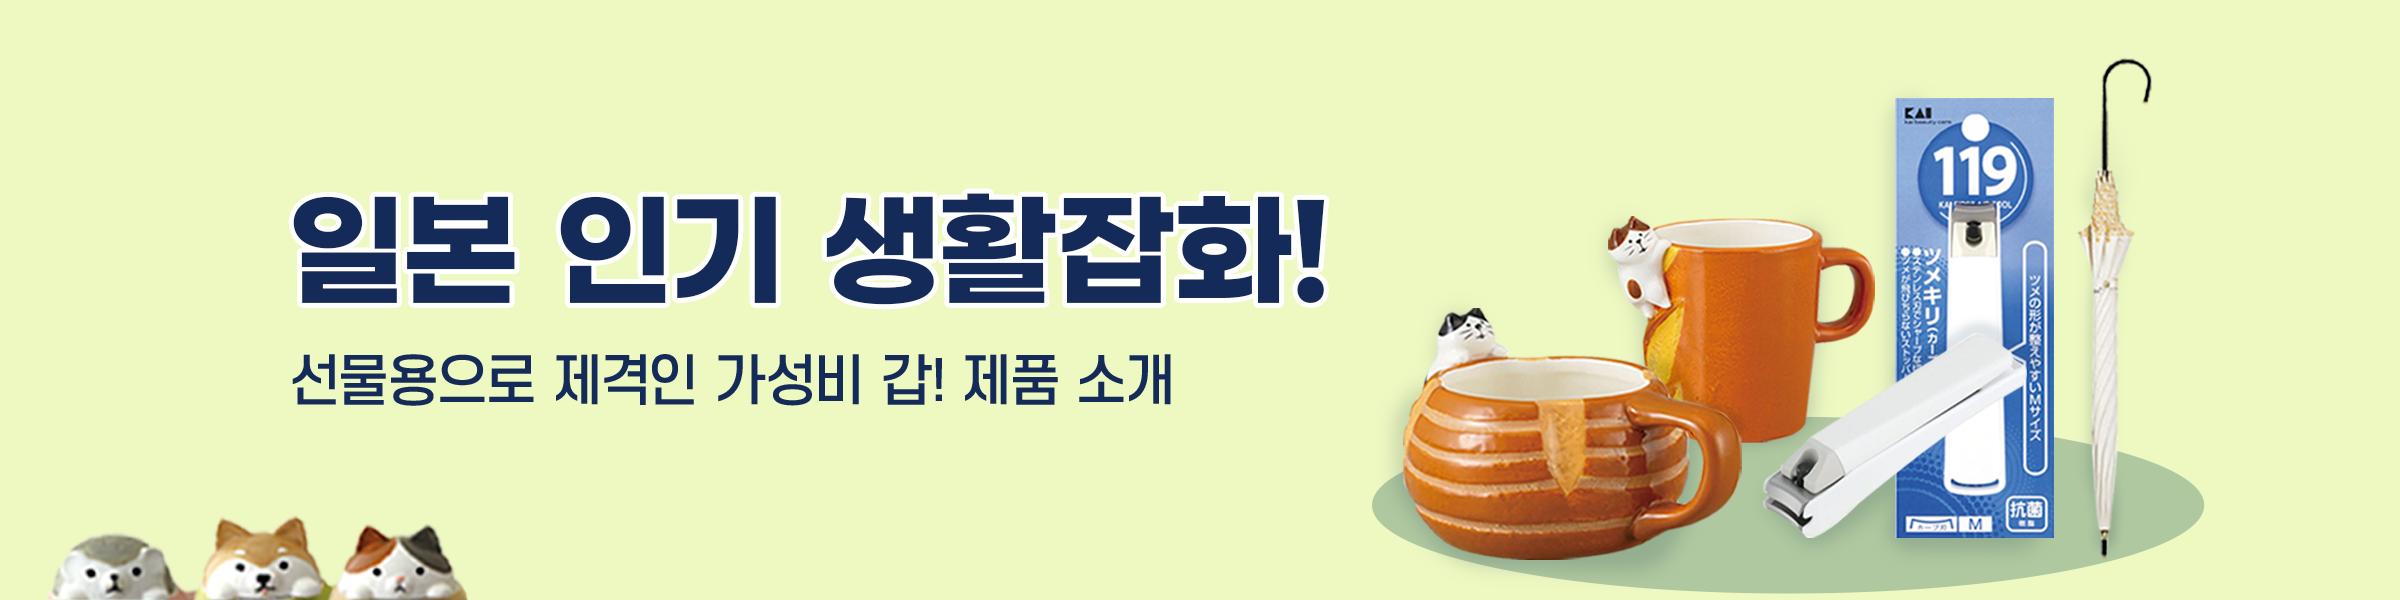 일본 인기 생활잡화 기획전!